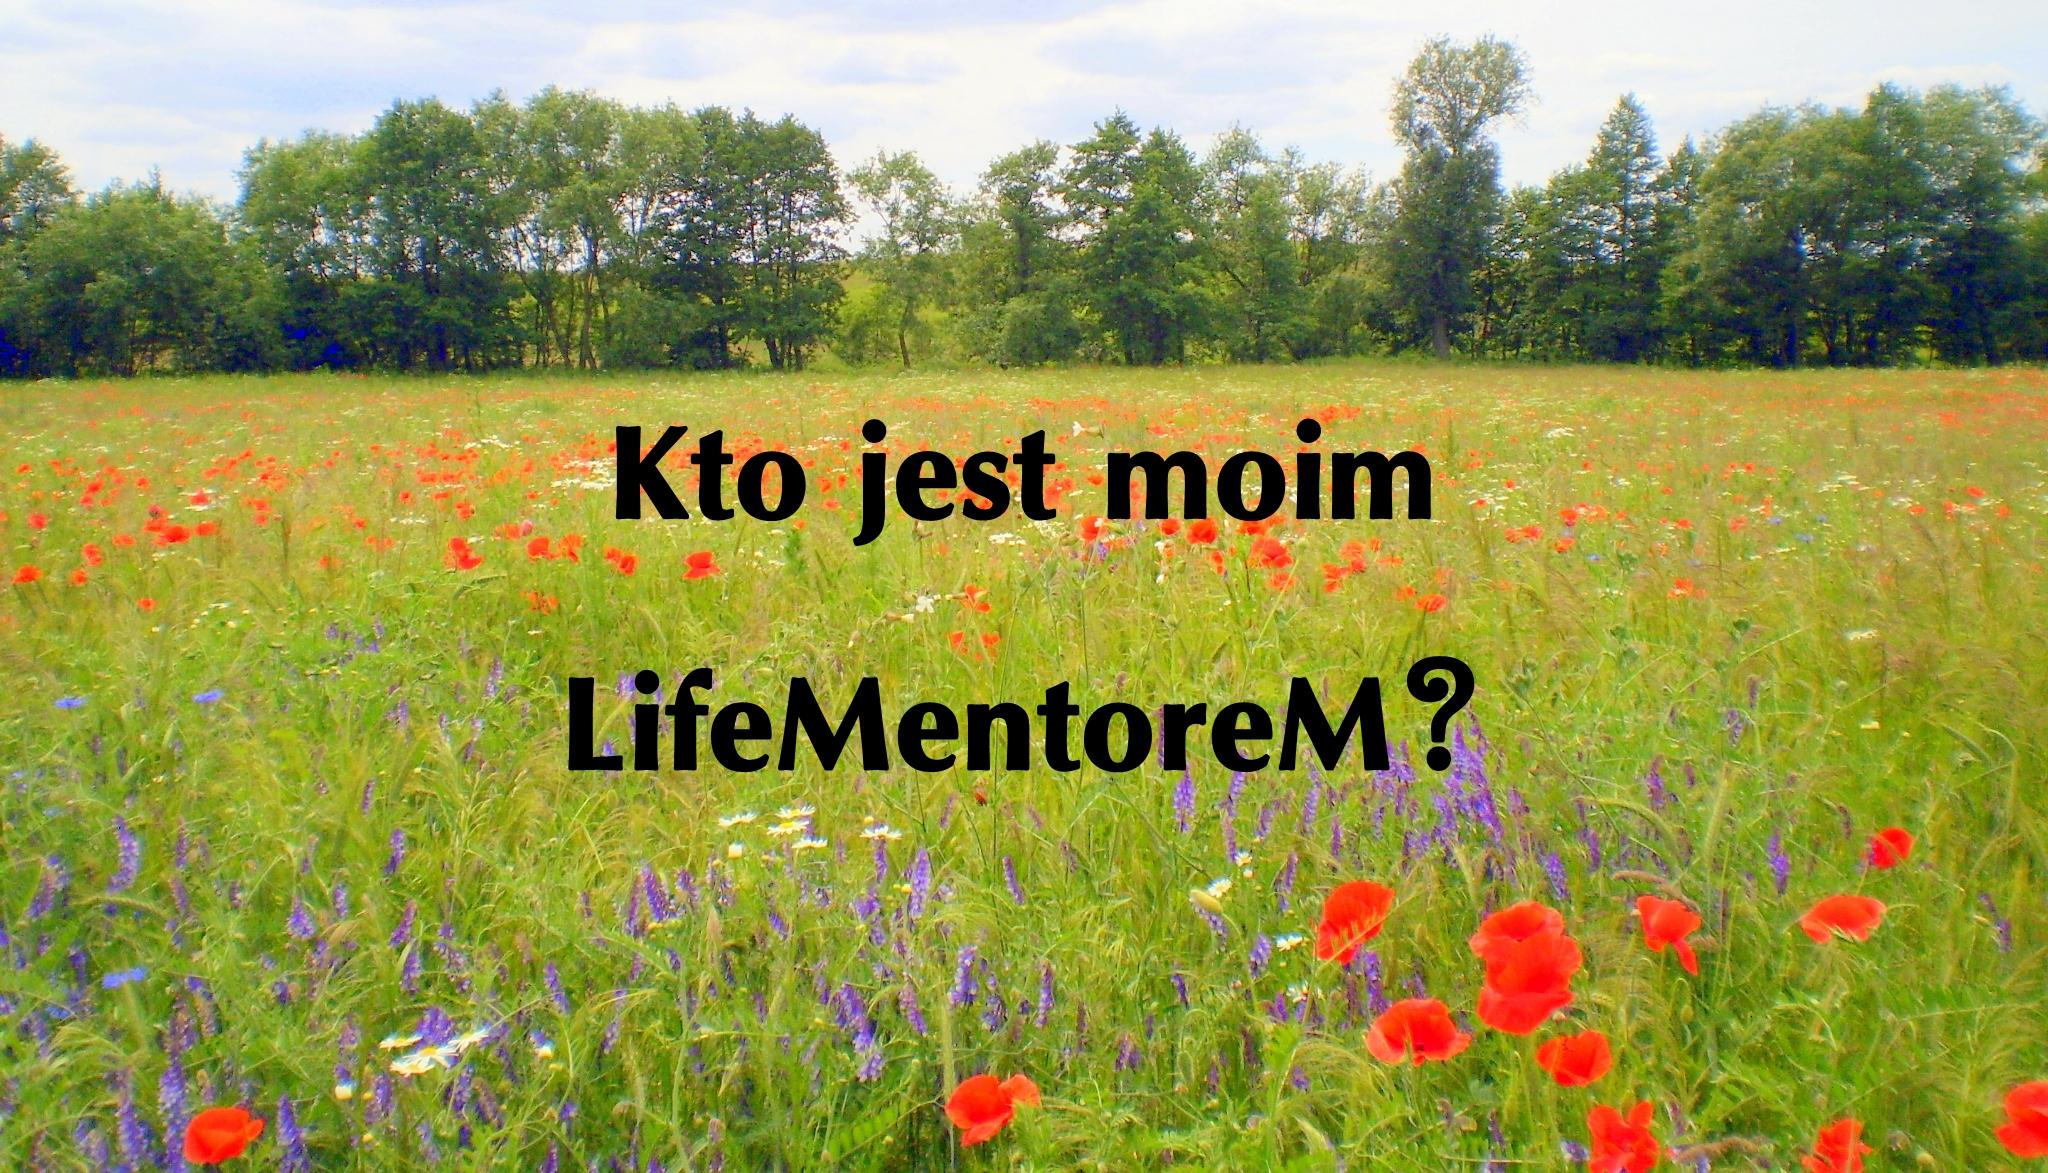 Kto jest lifementorem